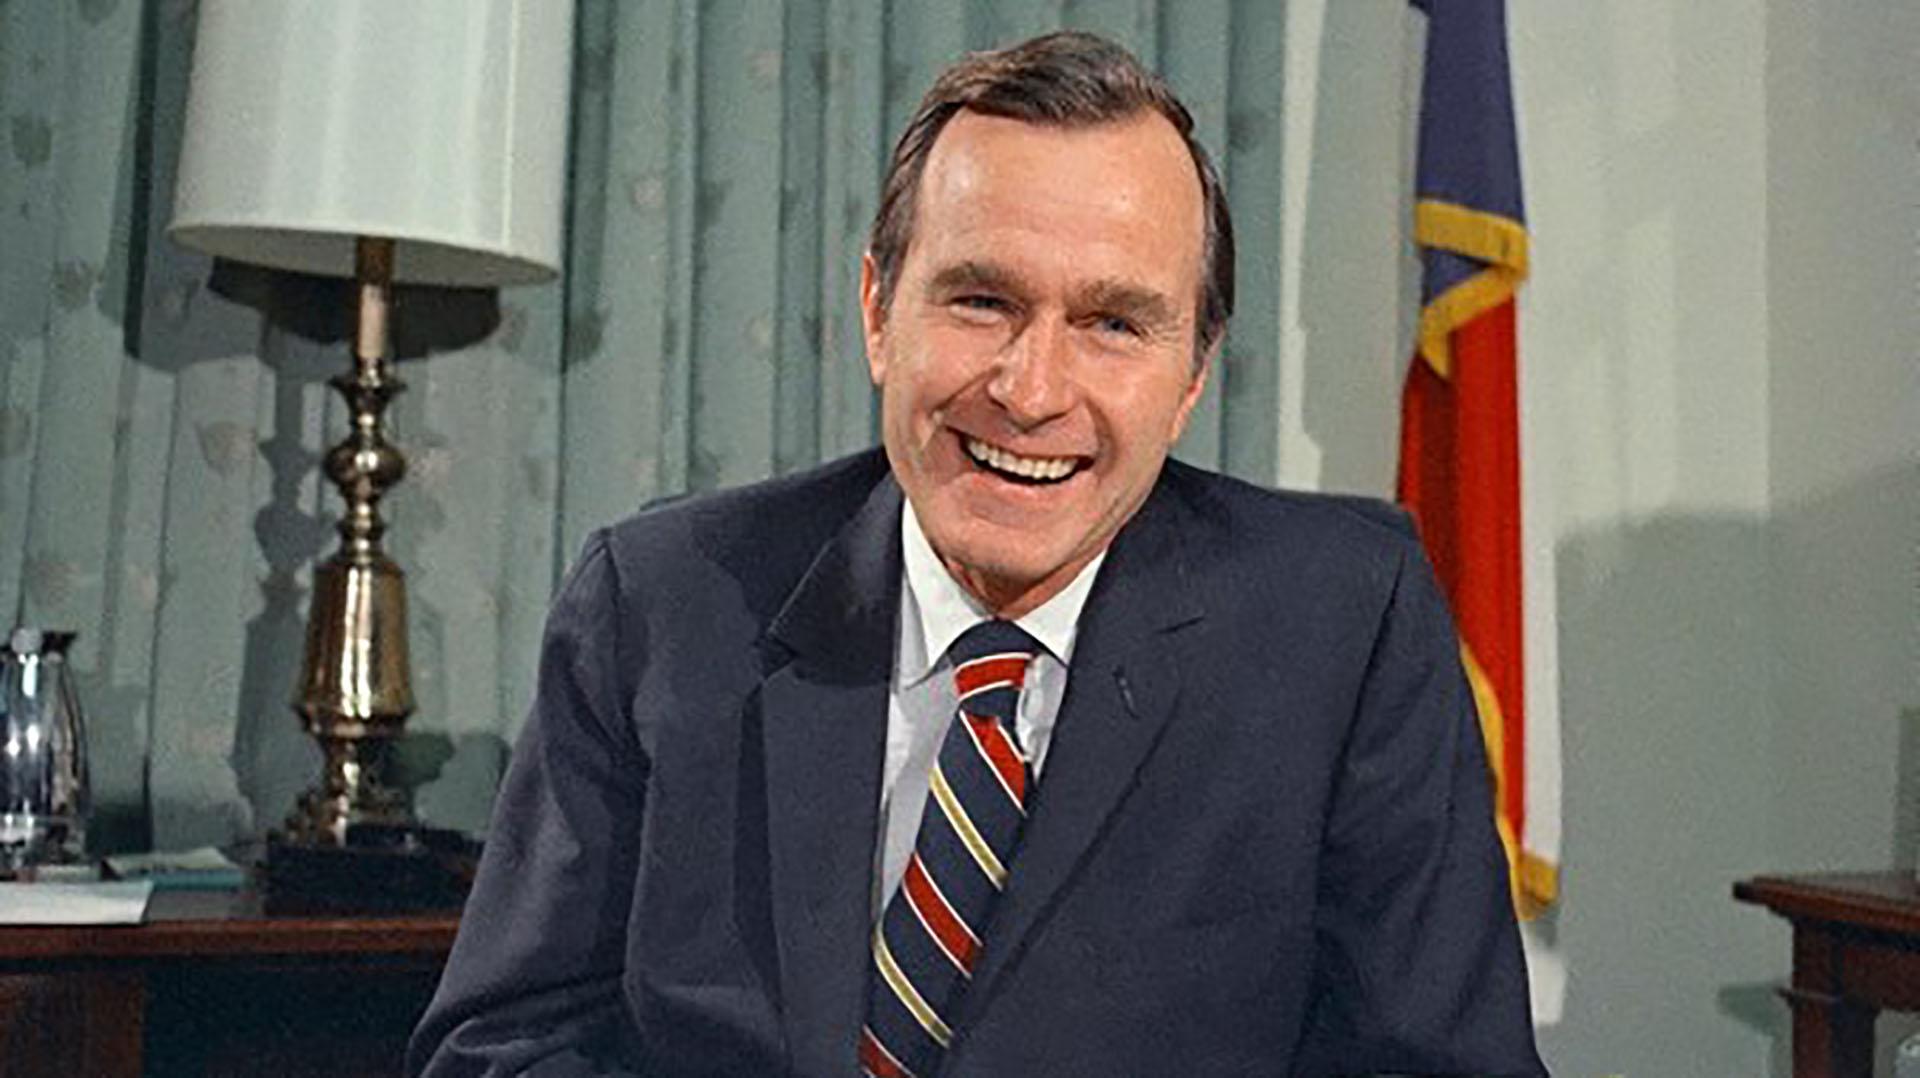 George H. W. Bush, expresidente de Estados Unidos, fue quien frenó la tregua que pretendía hacer Pablo Escobar con el gobierno colombiano.